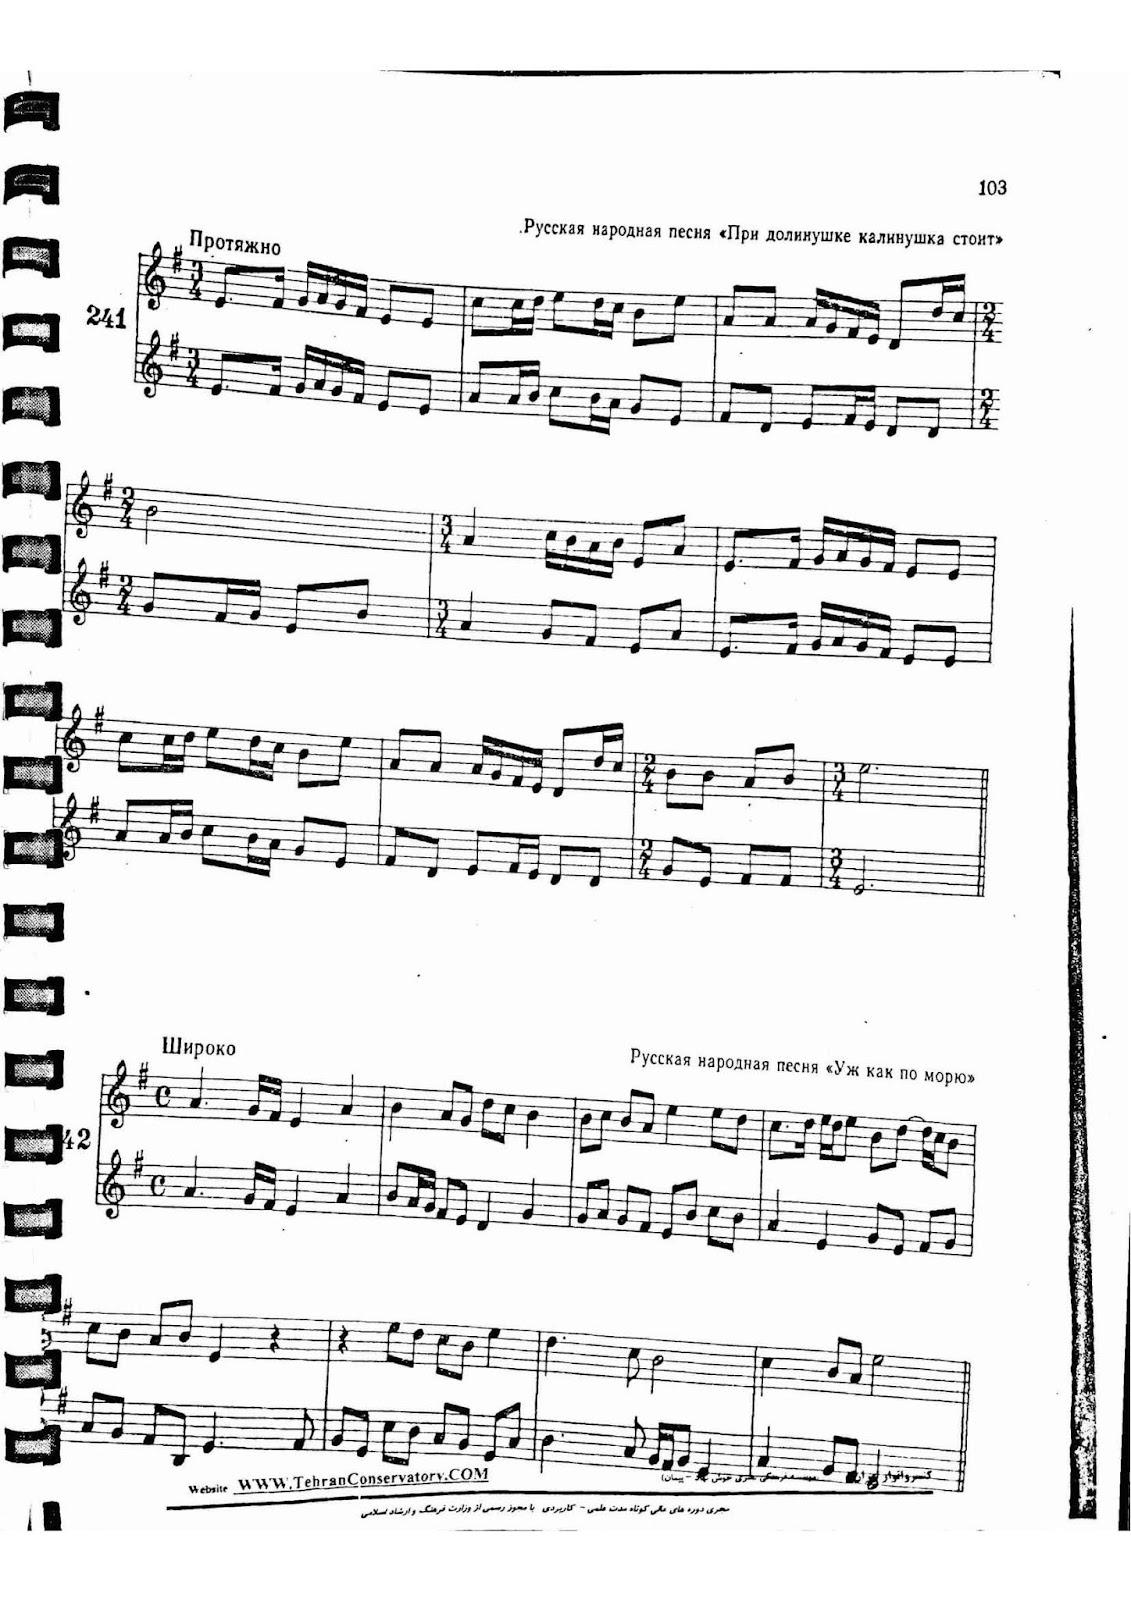 دانلود کتاب سلفژ دو صدایی جلد ۳ و ۴ ب. کالمیکوف و گ. فرید کین